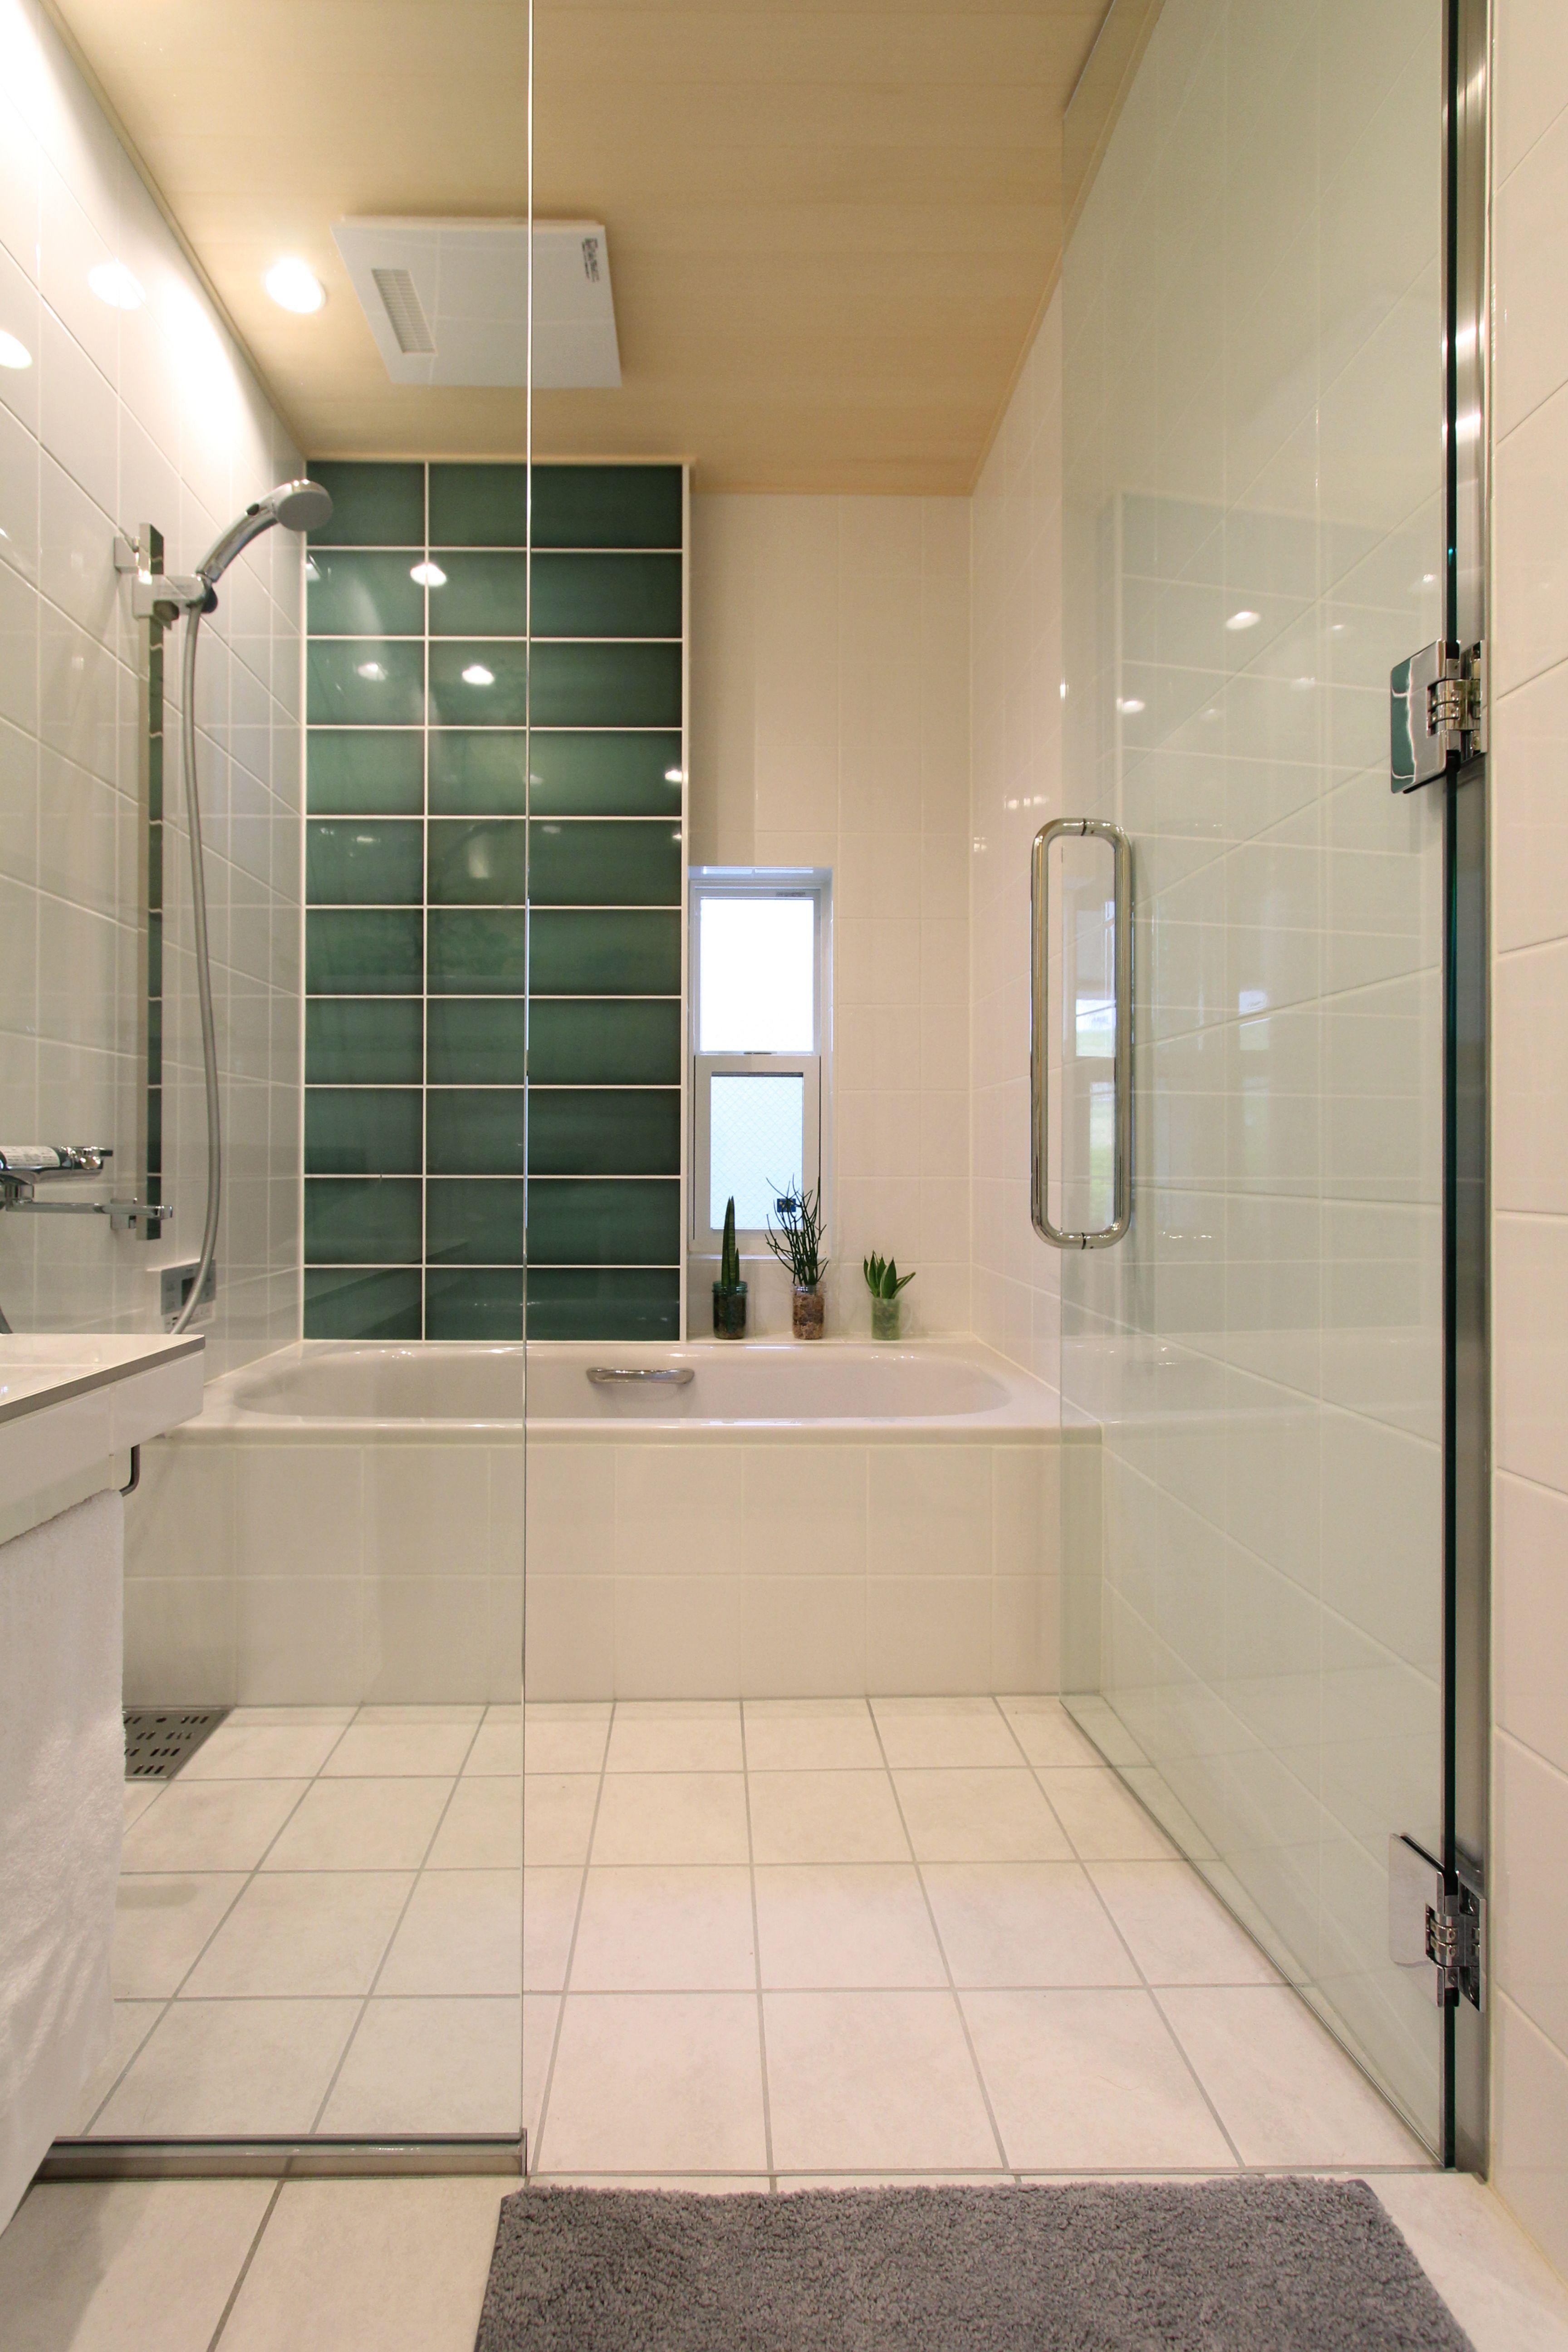 タイルと無垢材 ヒノキ を組み合わせた 世界でたったひとつの洗面脱衣室と浴室 ヒノキの柔らかな素材 感と香りが 1日の疲れを癒します タイルで造るバスルームならではとなる2 400mmの天井高と 空間のつながりを演出したガラスの壁と扉による開放感が ホテルで